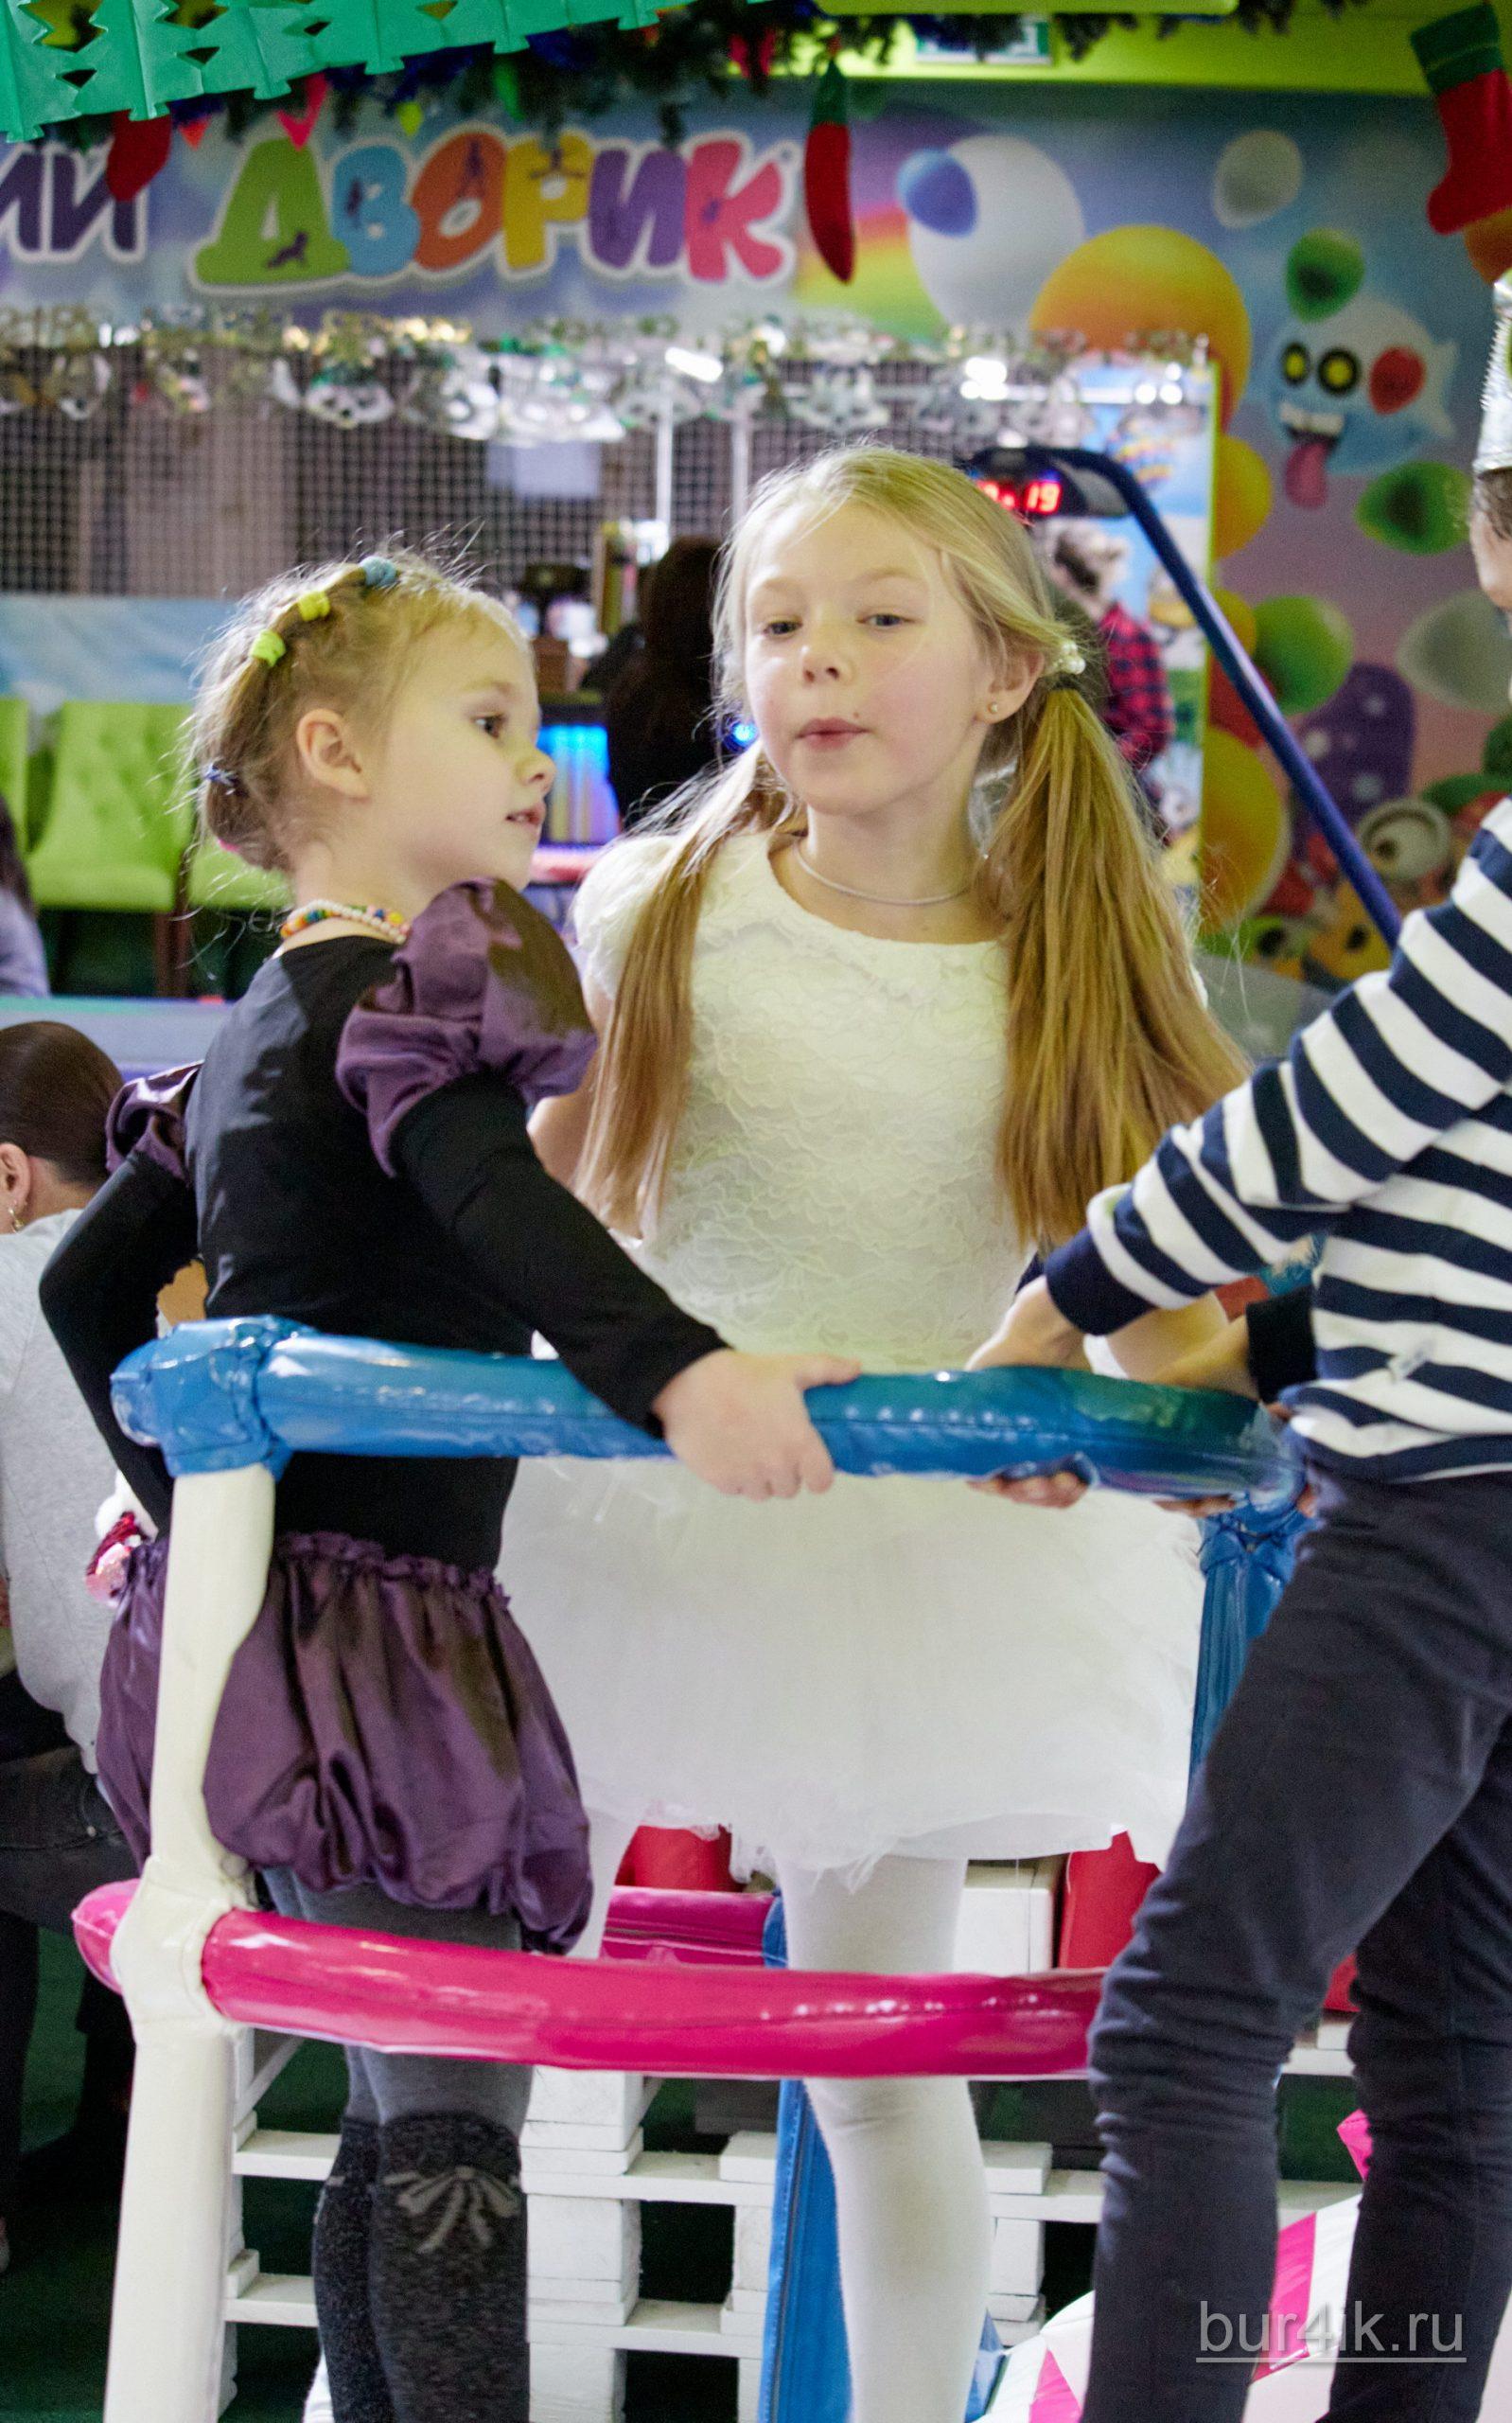 Фото Детское День Рождения в Детский Дворик 15.01.2020 №326 -photo- bur4ik.ru